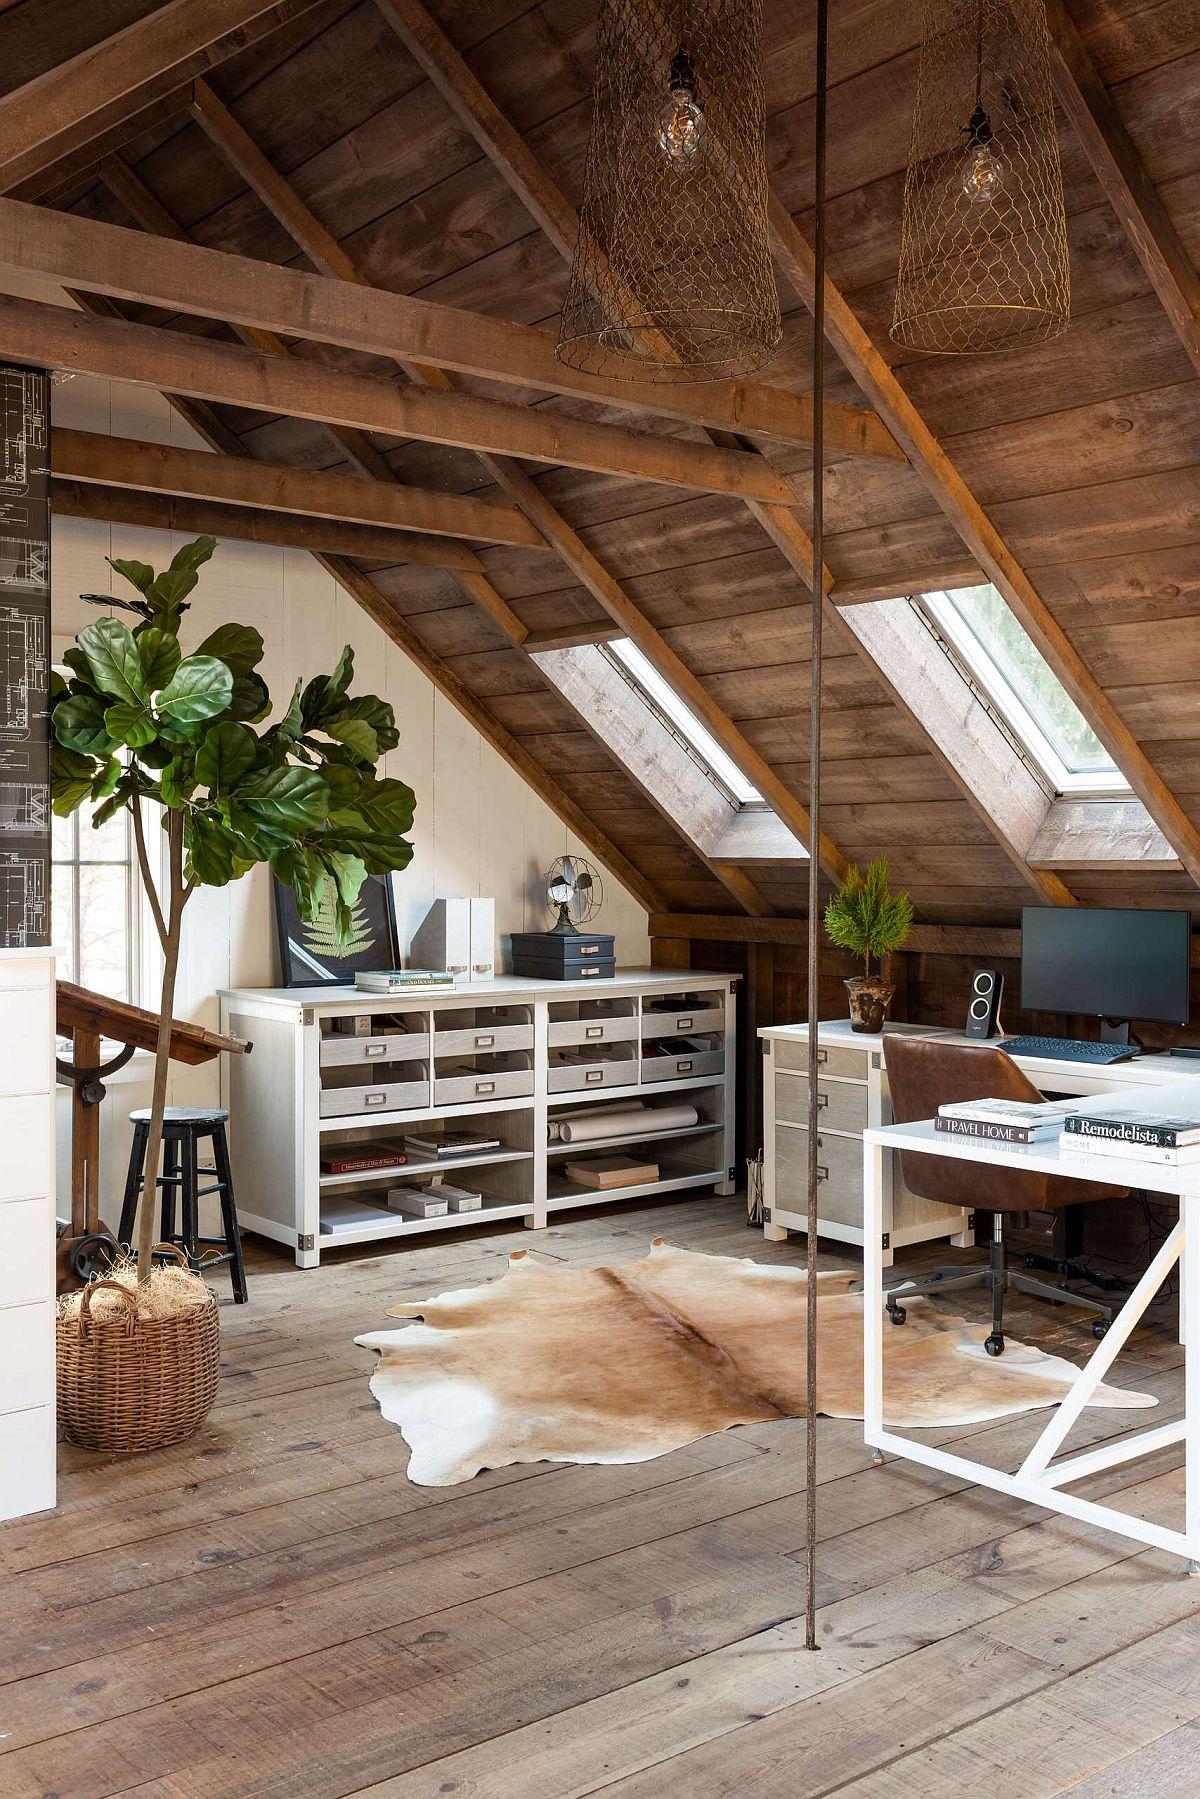 Grand bureau à domicile de style ferme dans le grenier avec une ambiance relaxante